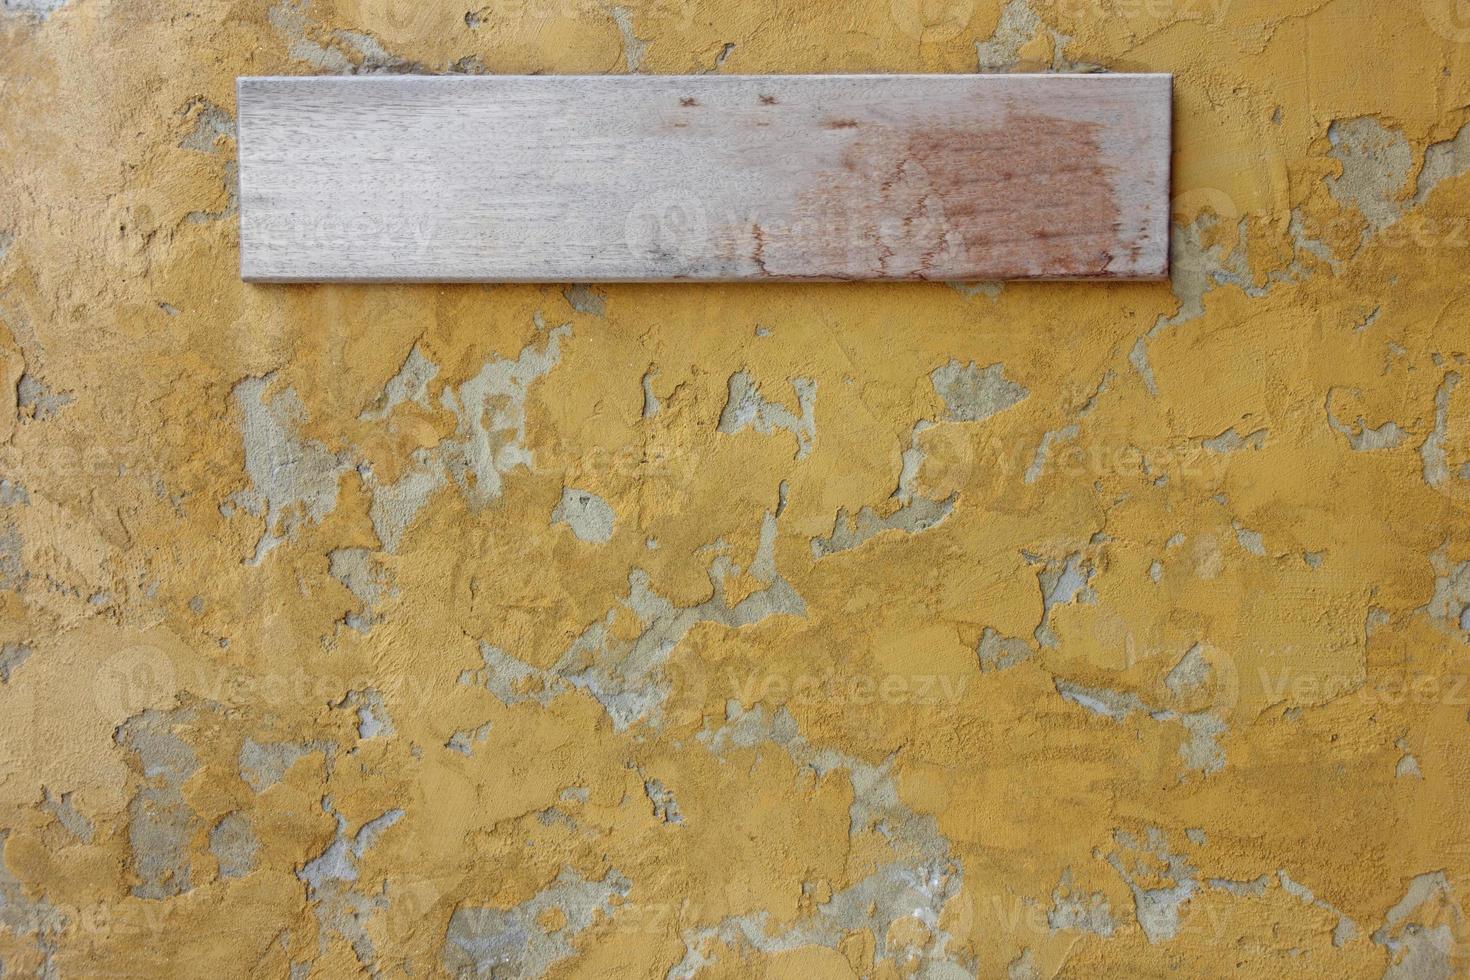 cartello in legno sul muro di cemento. foto